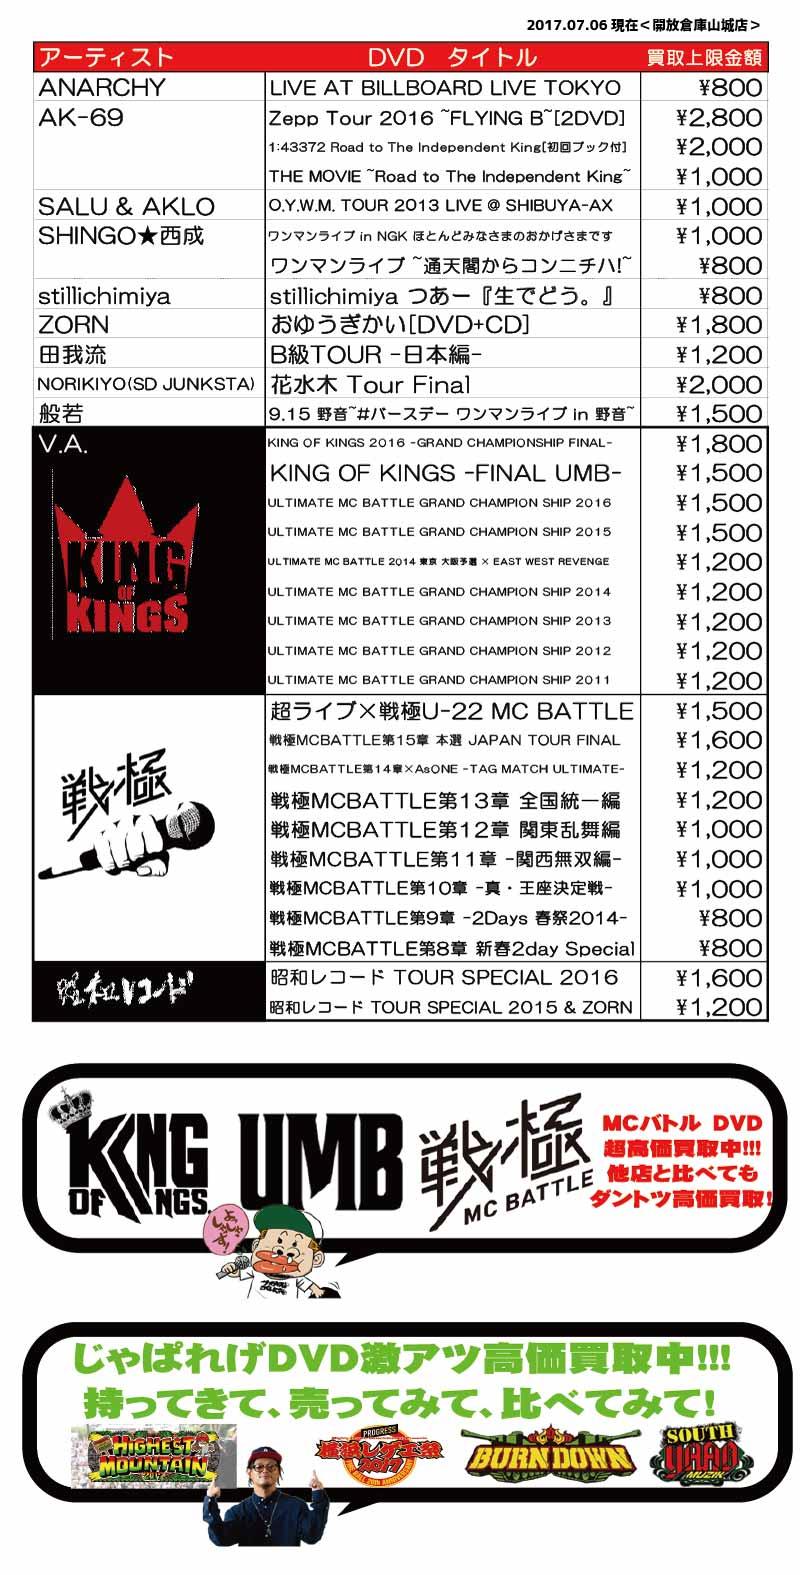 「開放倉庫山城店」2017/7月じゃぱれげ・J-HIPHOP買取一覧表を更新しました!!(3)